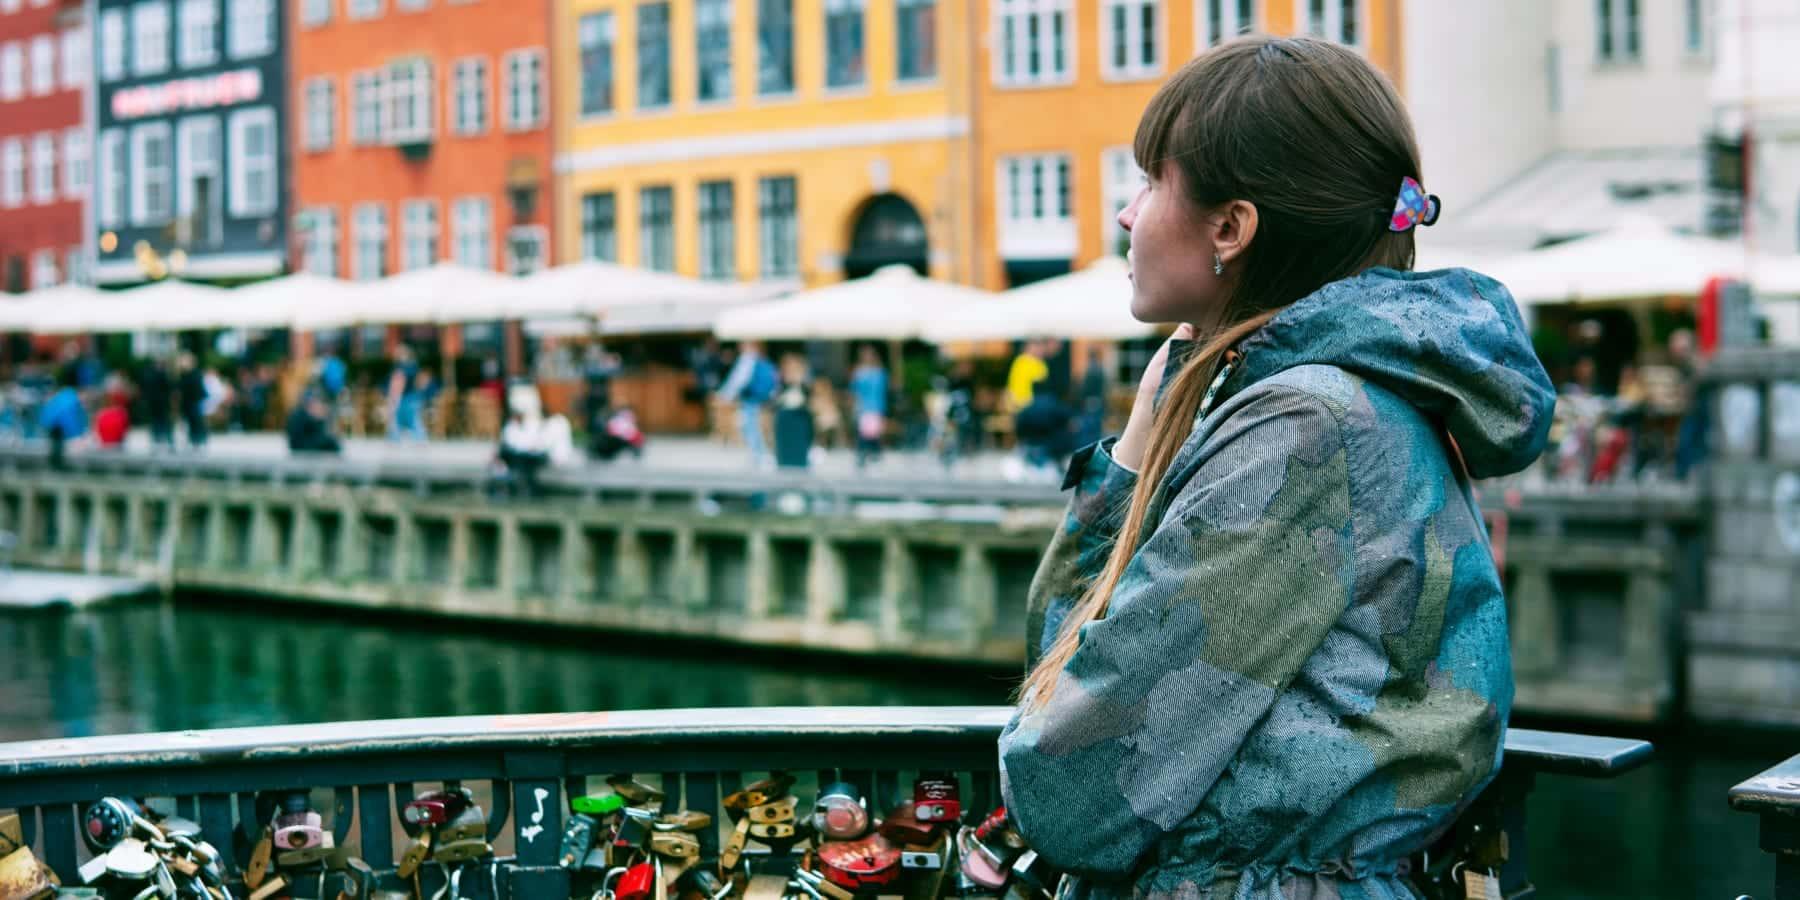 幸せについて学ぼう。デンマークに現れた「幸福博物館」